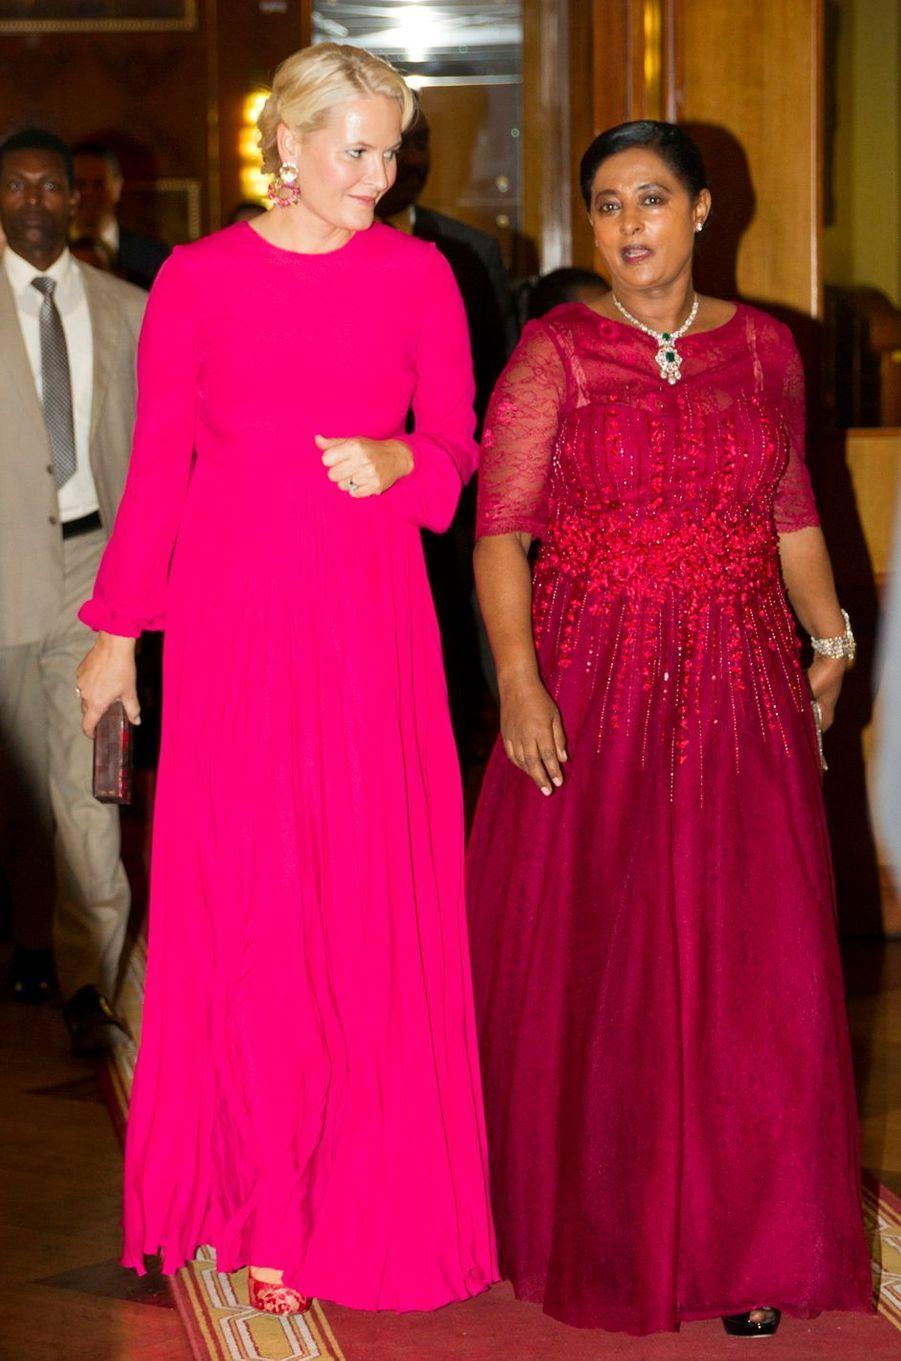 La princesse Mette-Marit de Norvège et la femme du président d'Ethiopie à Addis-Abeba, le 7 novembre 2017